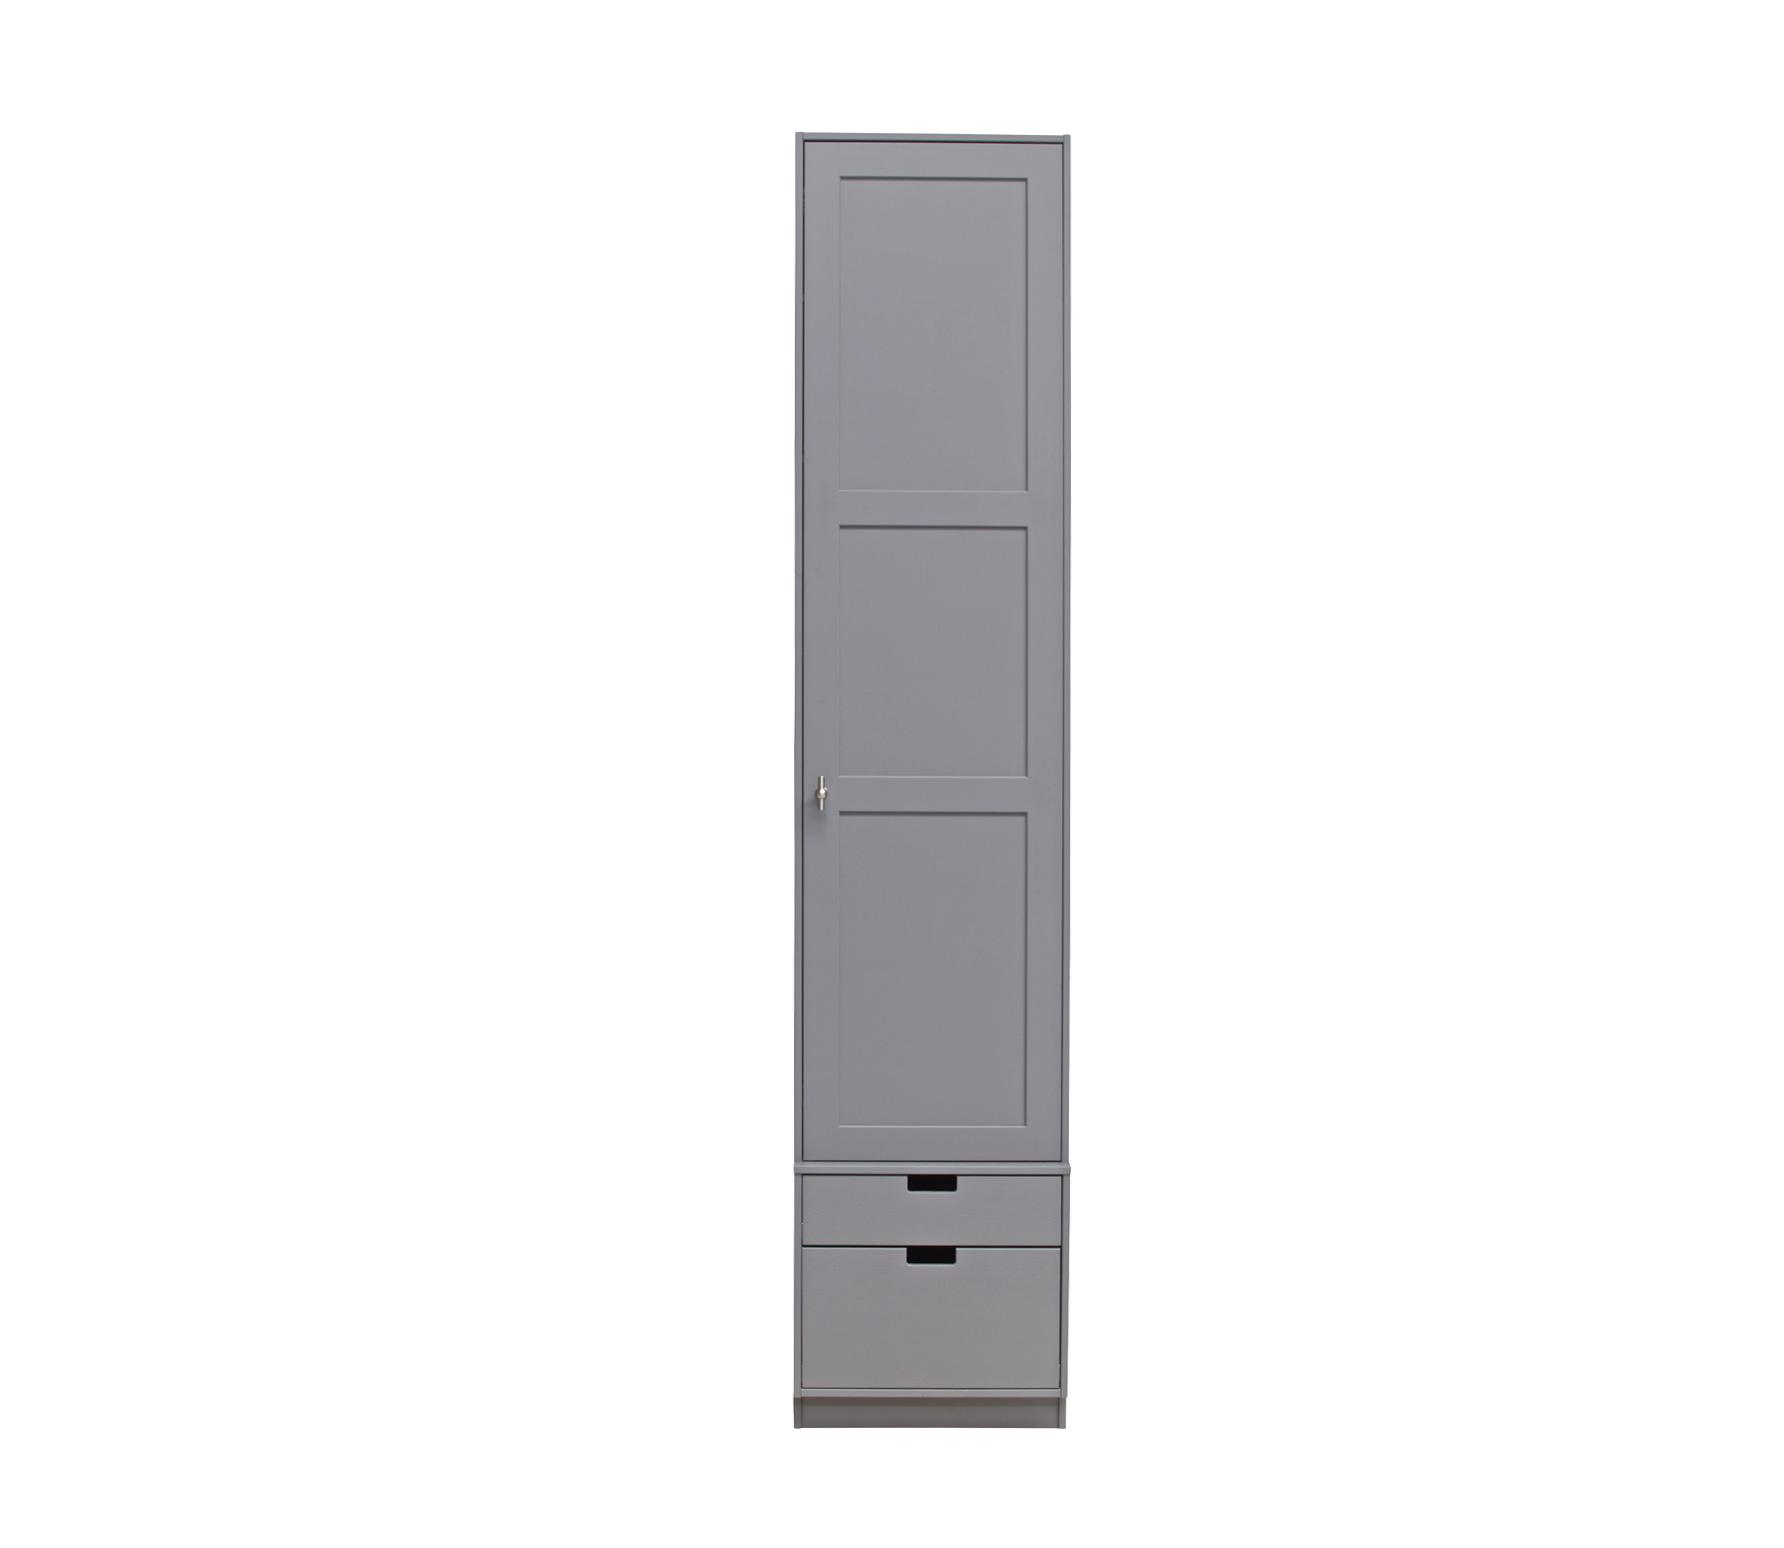 Basiclabel SKIK kast variant 47 (hxbxd) 231x49x62 cm grenen leem Roede met 2 legplanken